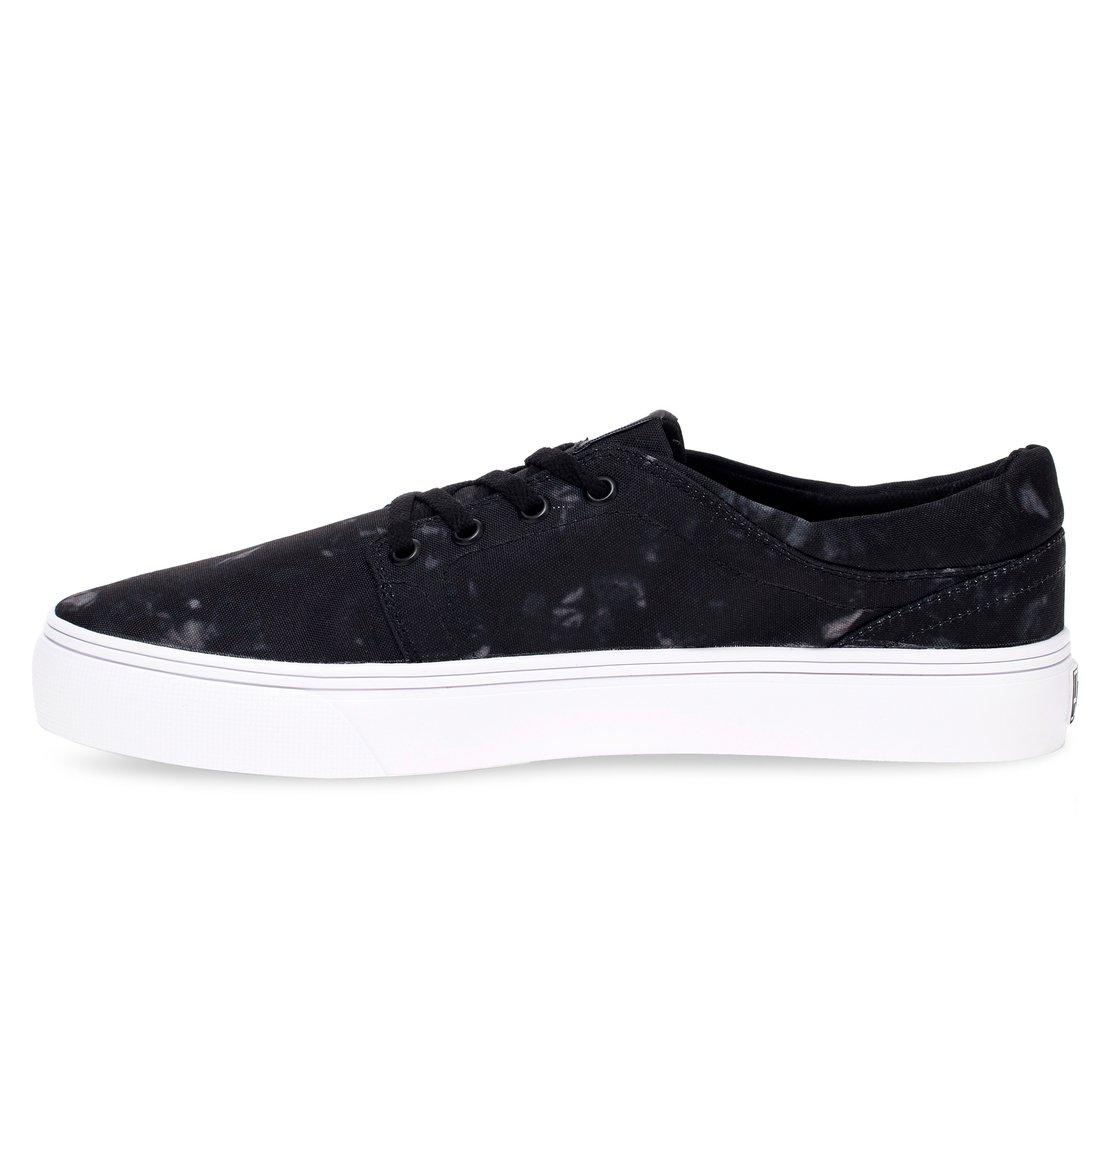 Tênis masculino Trase TX SP LA BRADYS300277   DC Shoes 0e1a4068f5